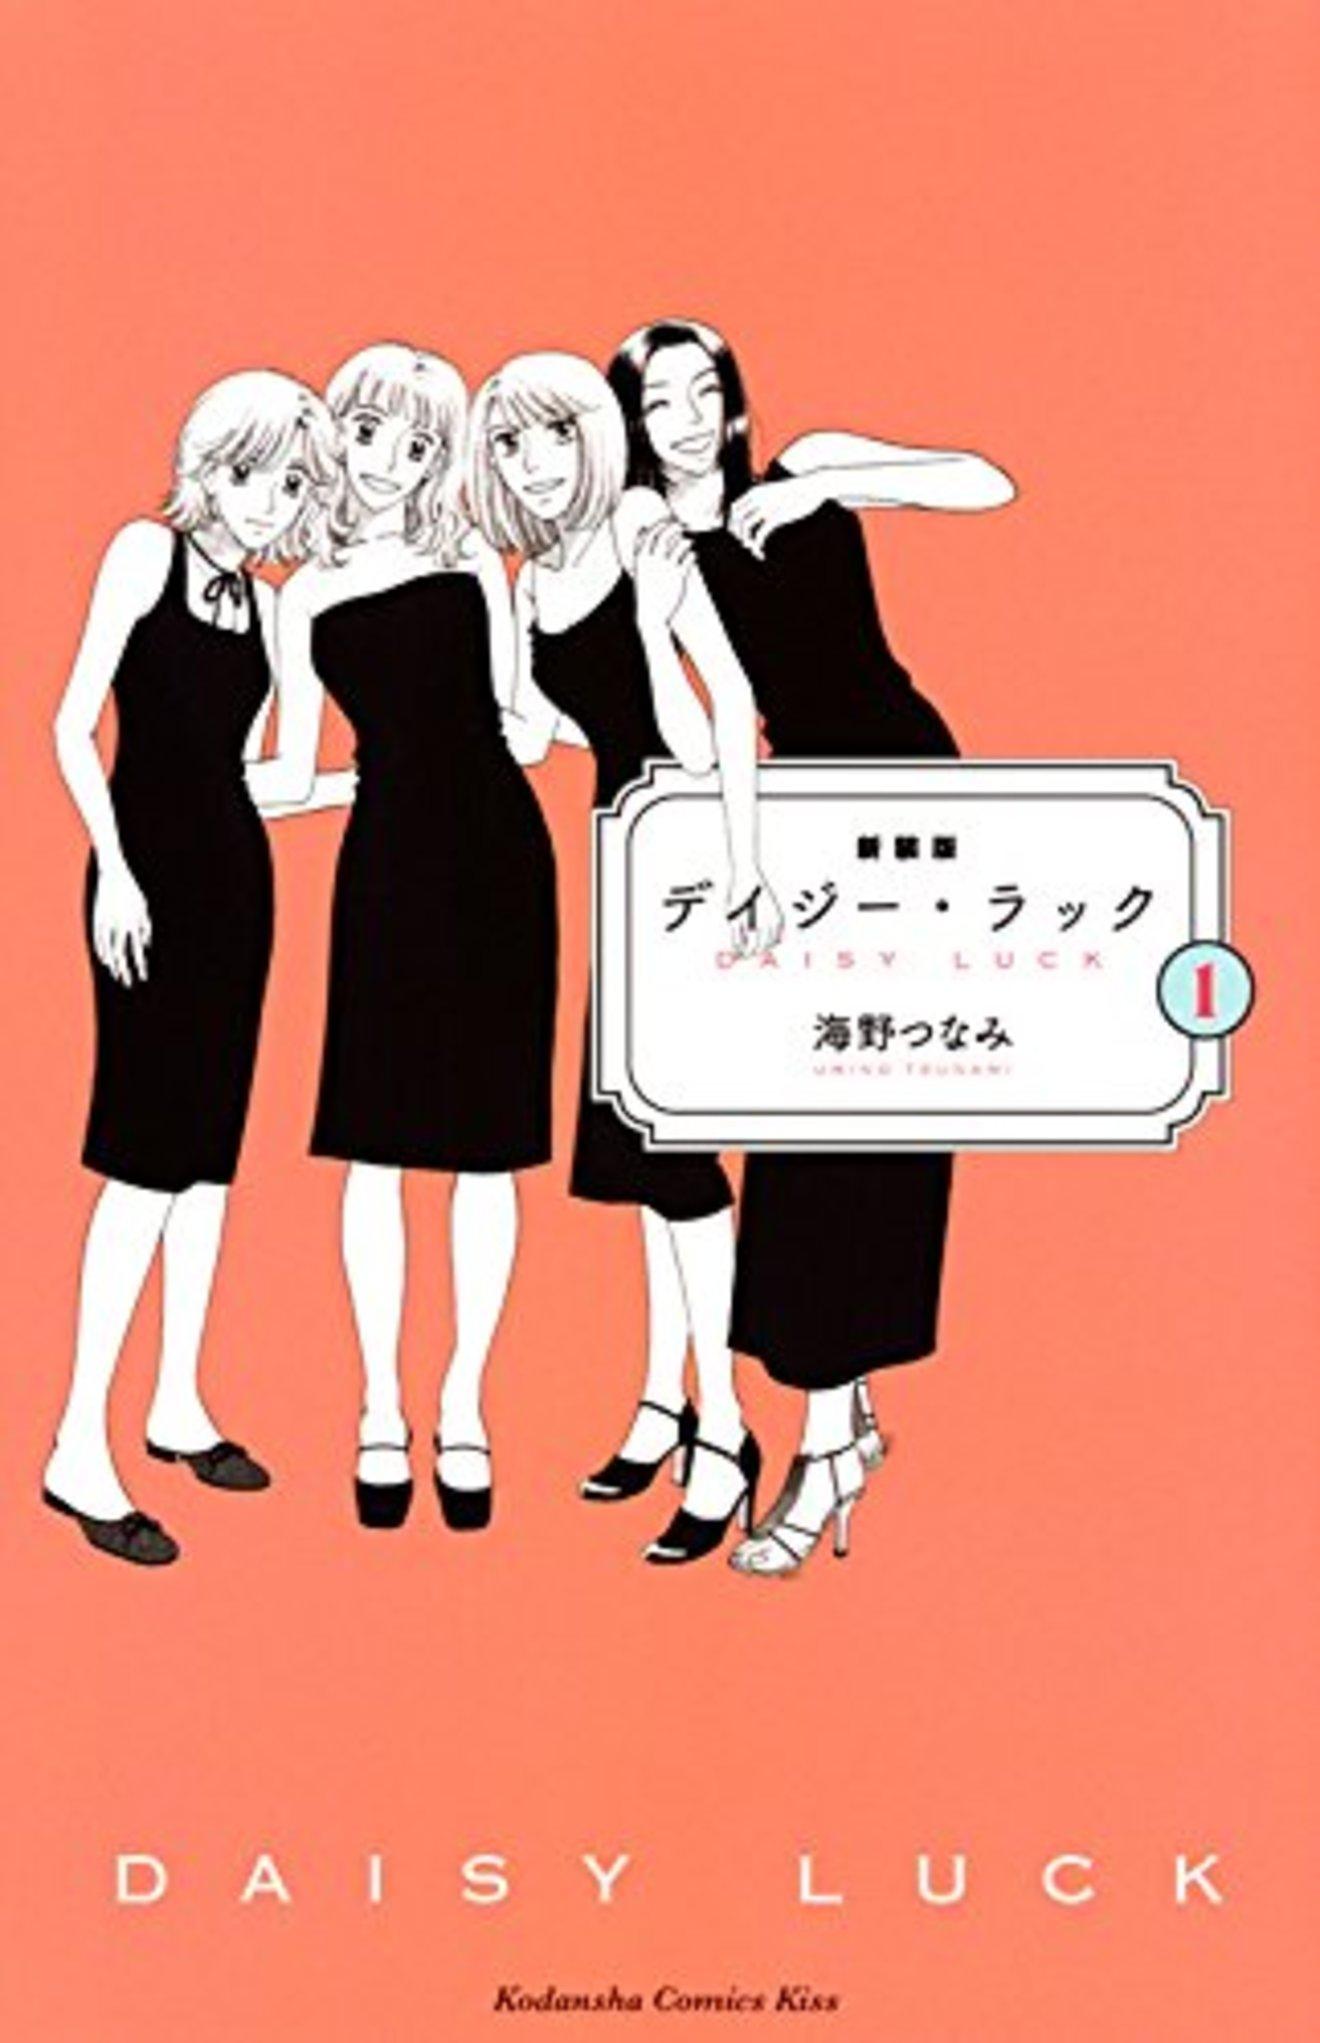 漫画『デイジー・ラック』全巻の見所をネタバレ紹介!【ドラマ化】